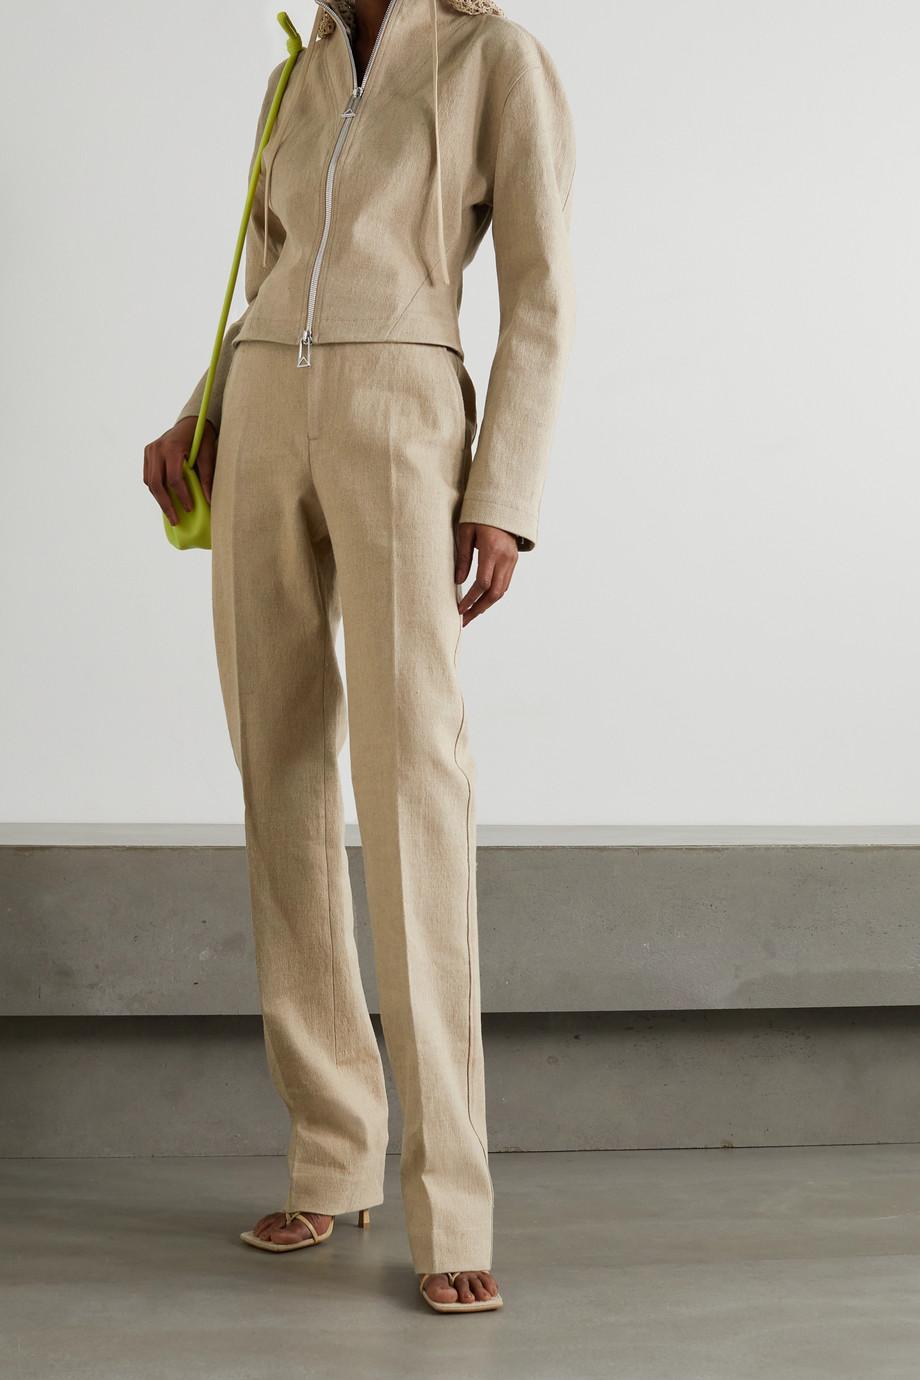 Bottega Veneta Hose mit geradem Bein aus einer Leinen-Canvas-Mischung